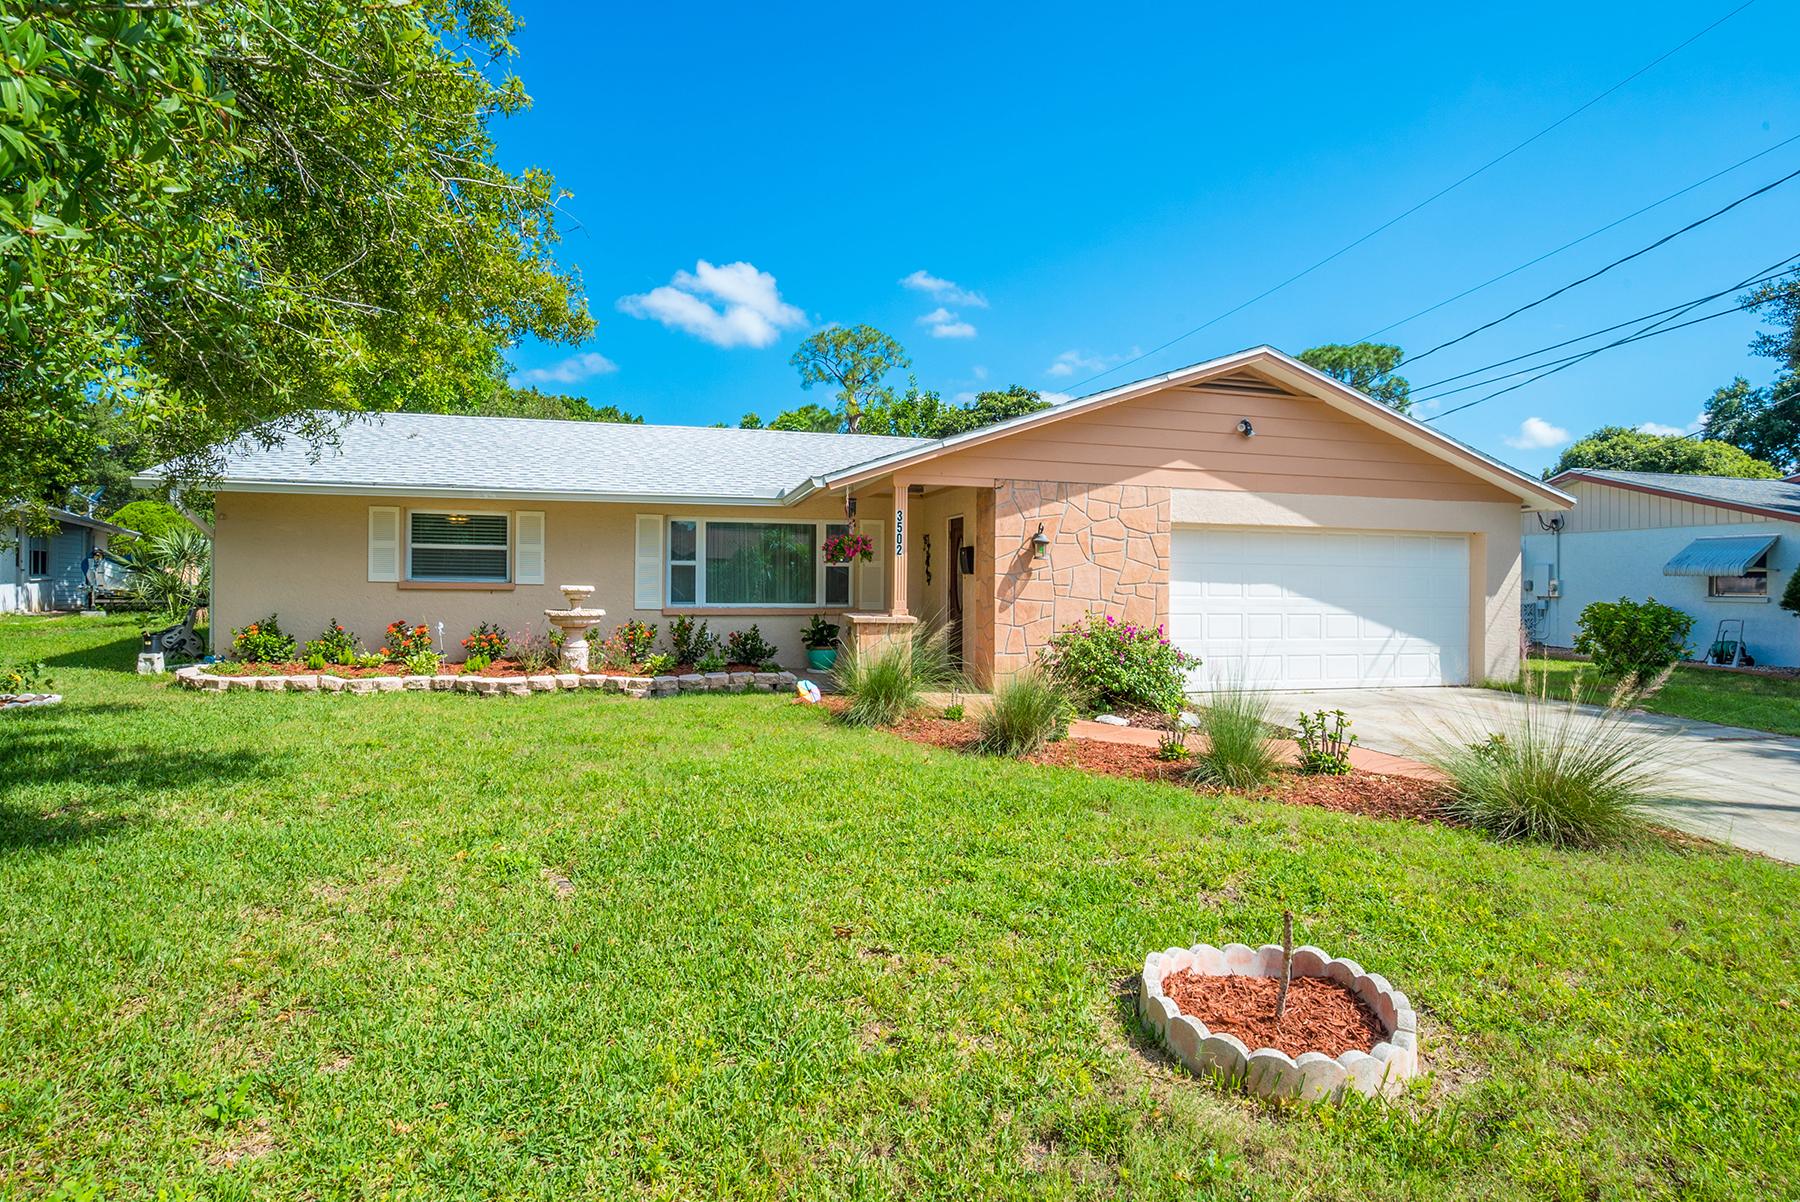 Casa Unifamiliar por un Venta en COUNTRY CLUB HEIGHTS 3502 18th Avenue Dr W Bradenton, Florida, 34205 Estados Unidos